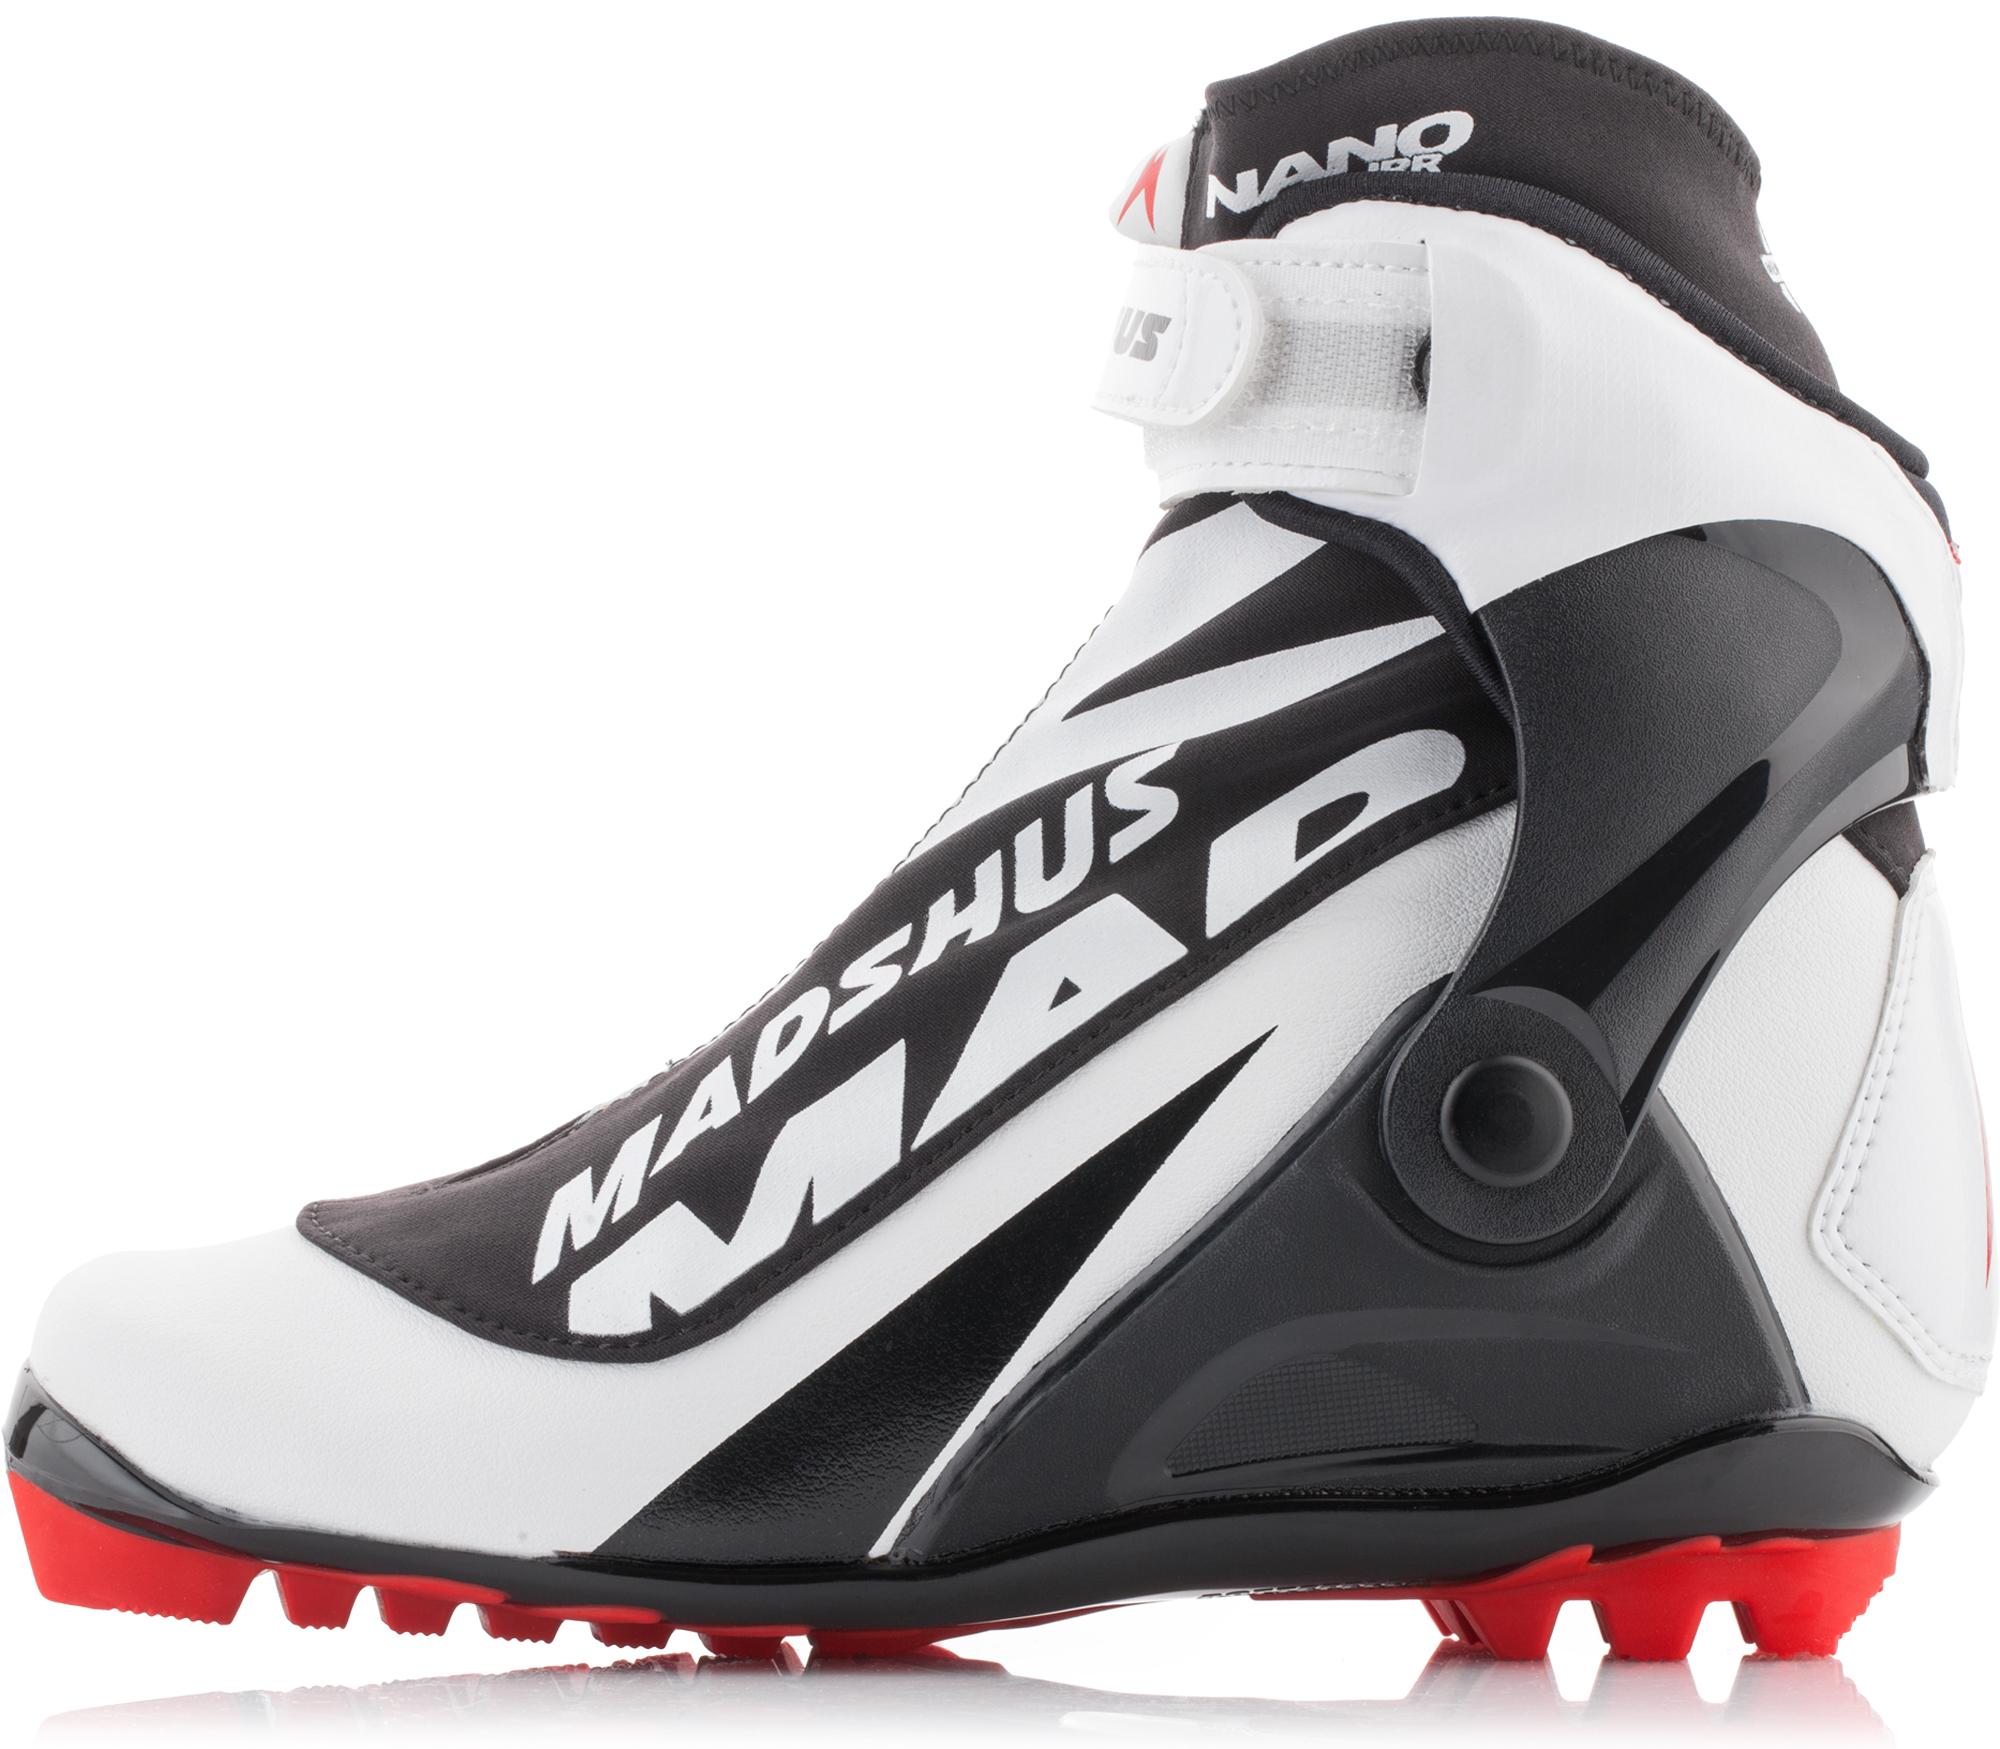 Madshus Ботинки для беговых лыж детские Madshus Nano Jrr